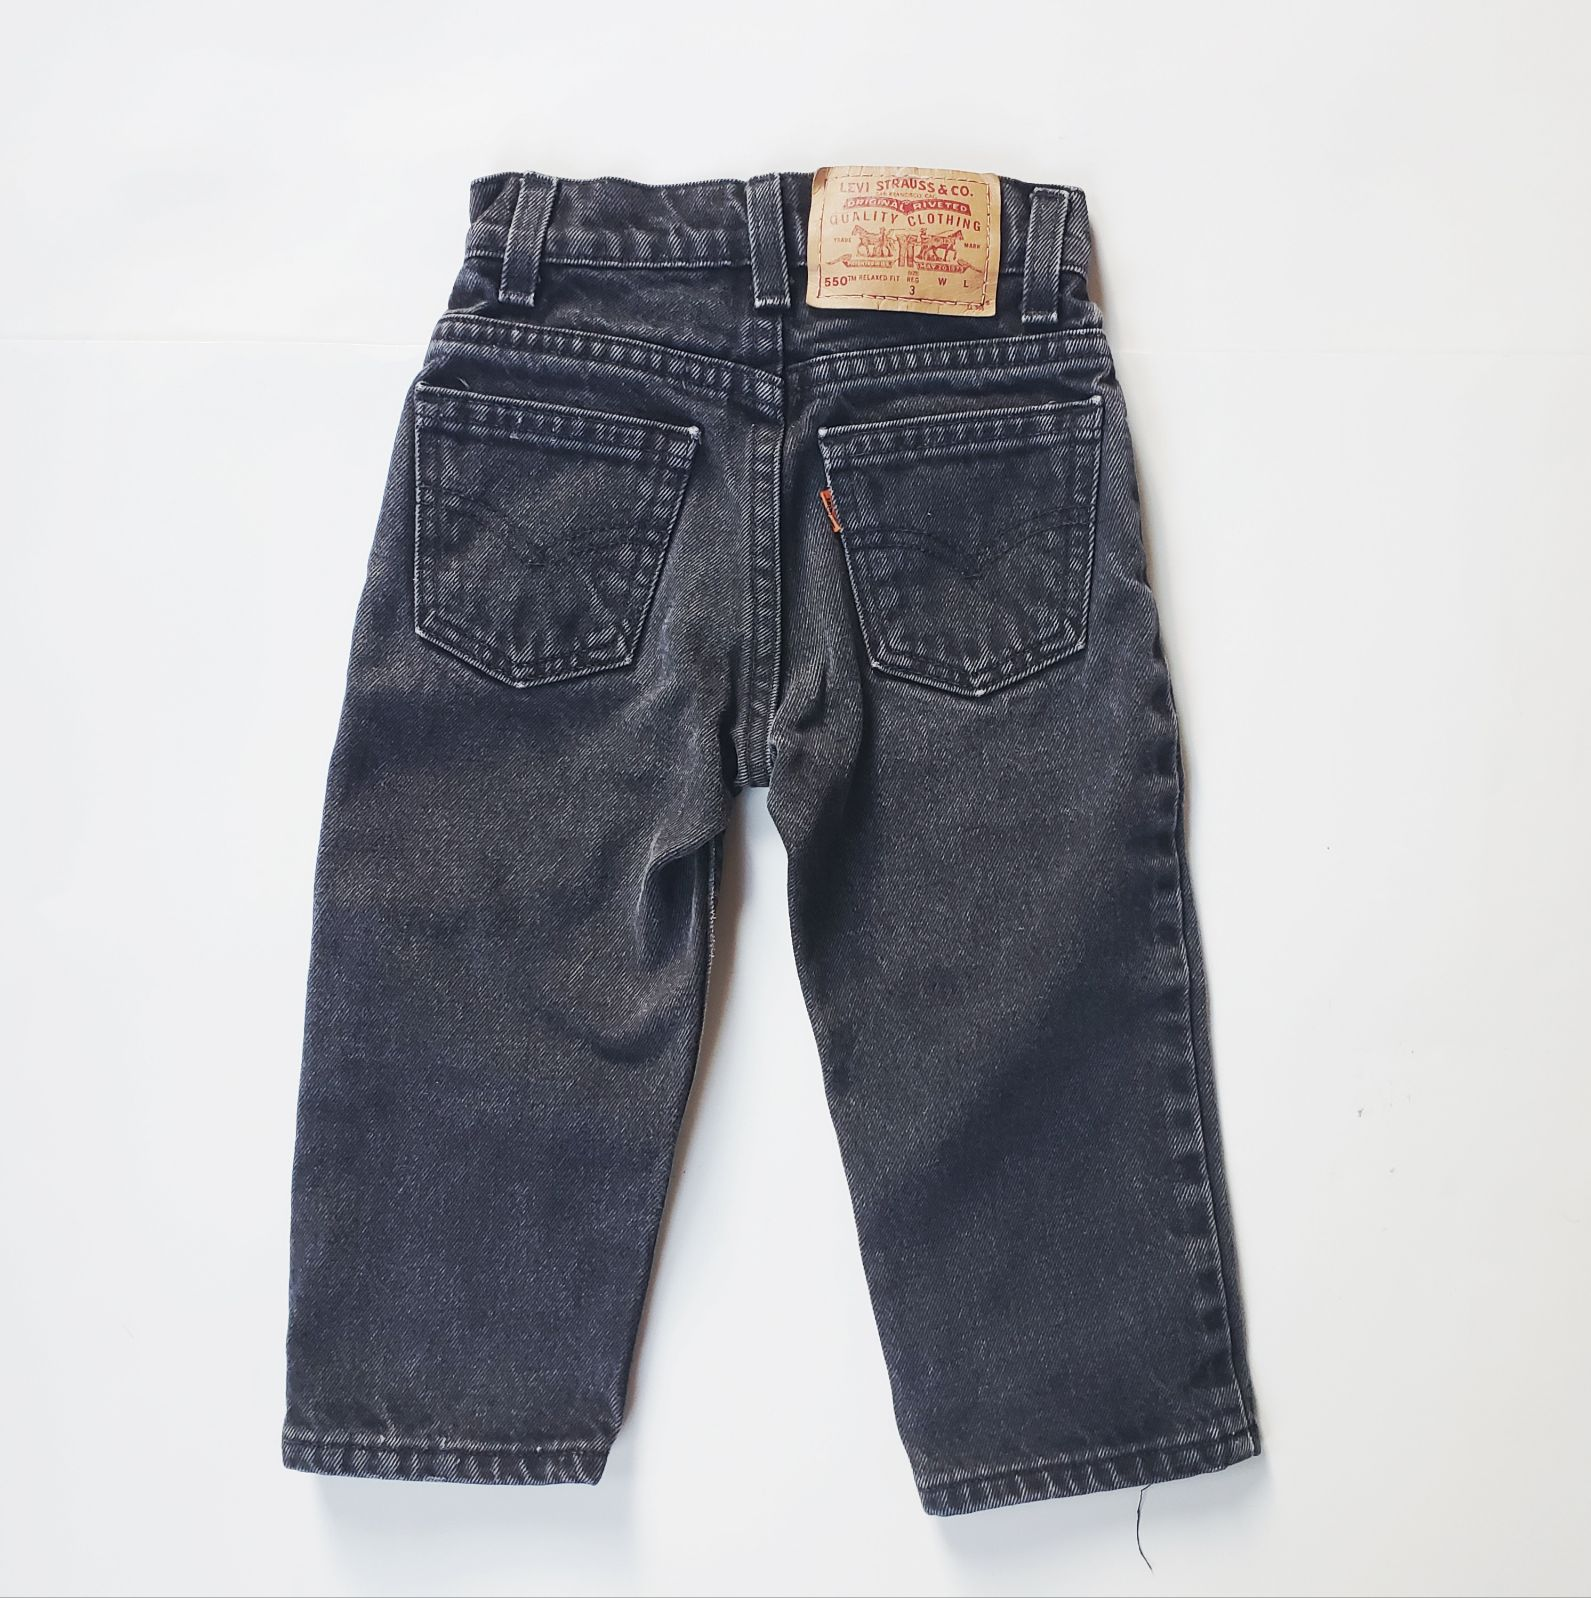 Vintage Levi's Orange Tab Jeans 550